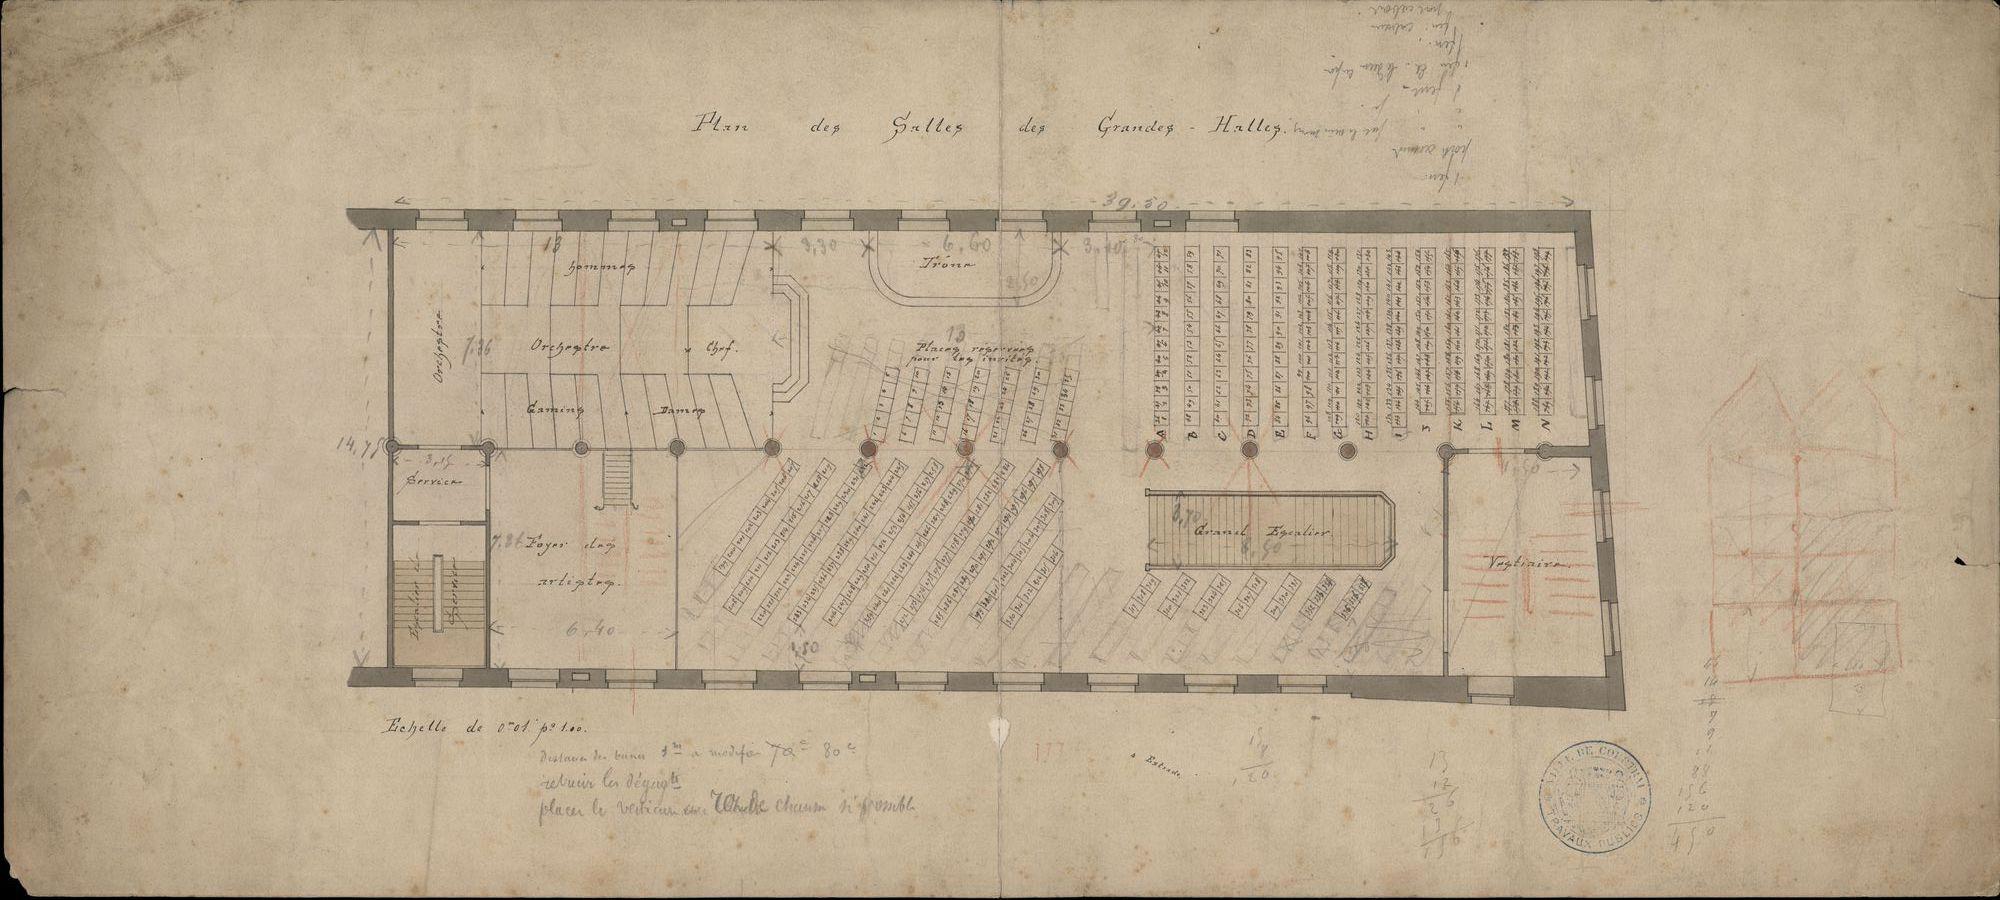 Bouwplannen van een zaal op de verdieping van de Grote Hallen te Kortrijk, 1ste helft 20ste eeuw